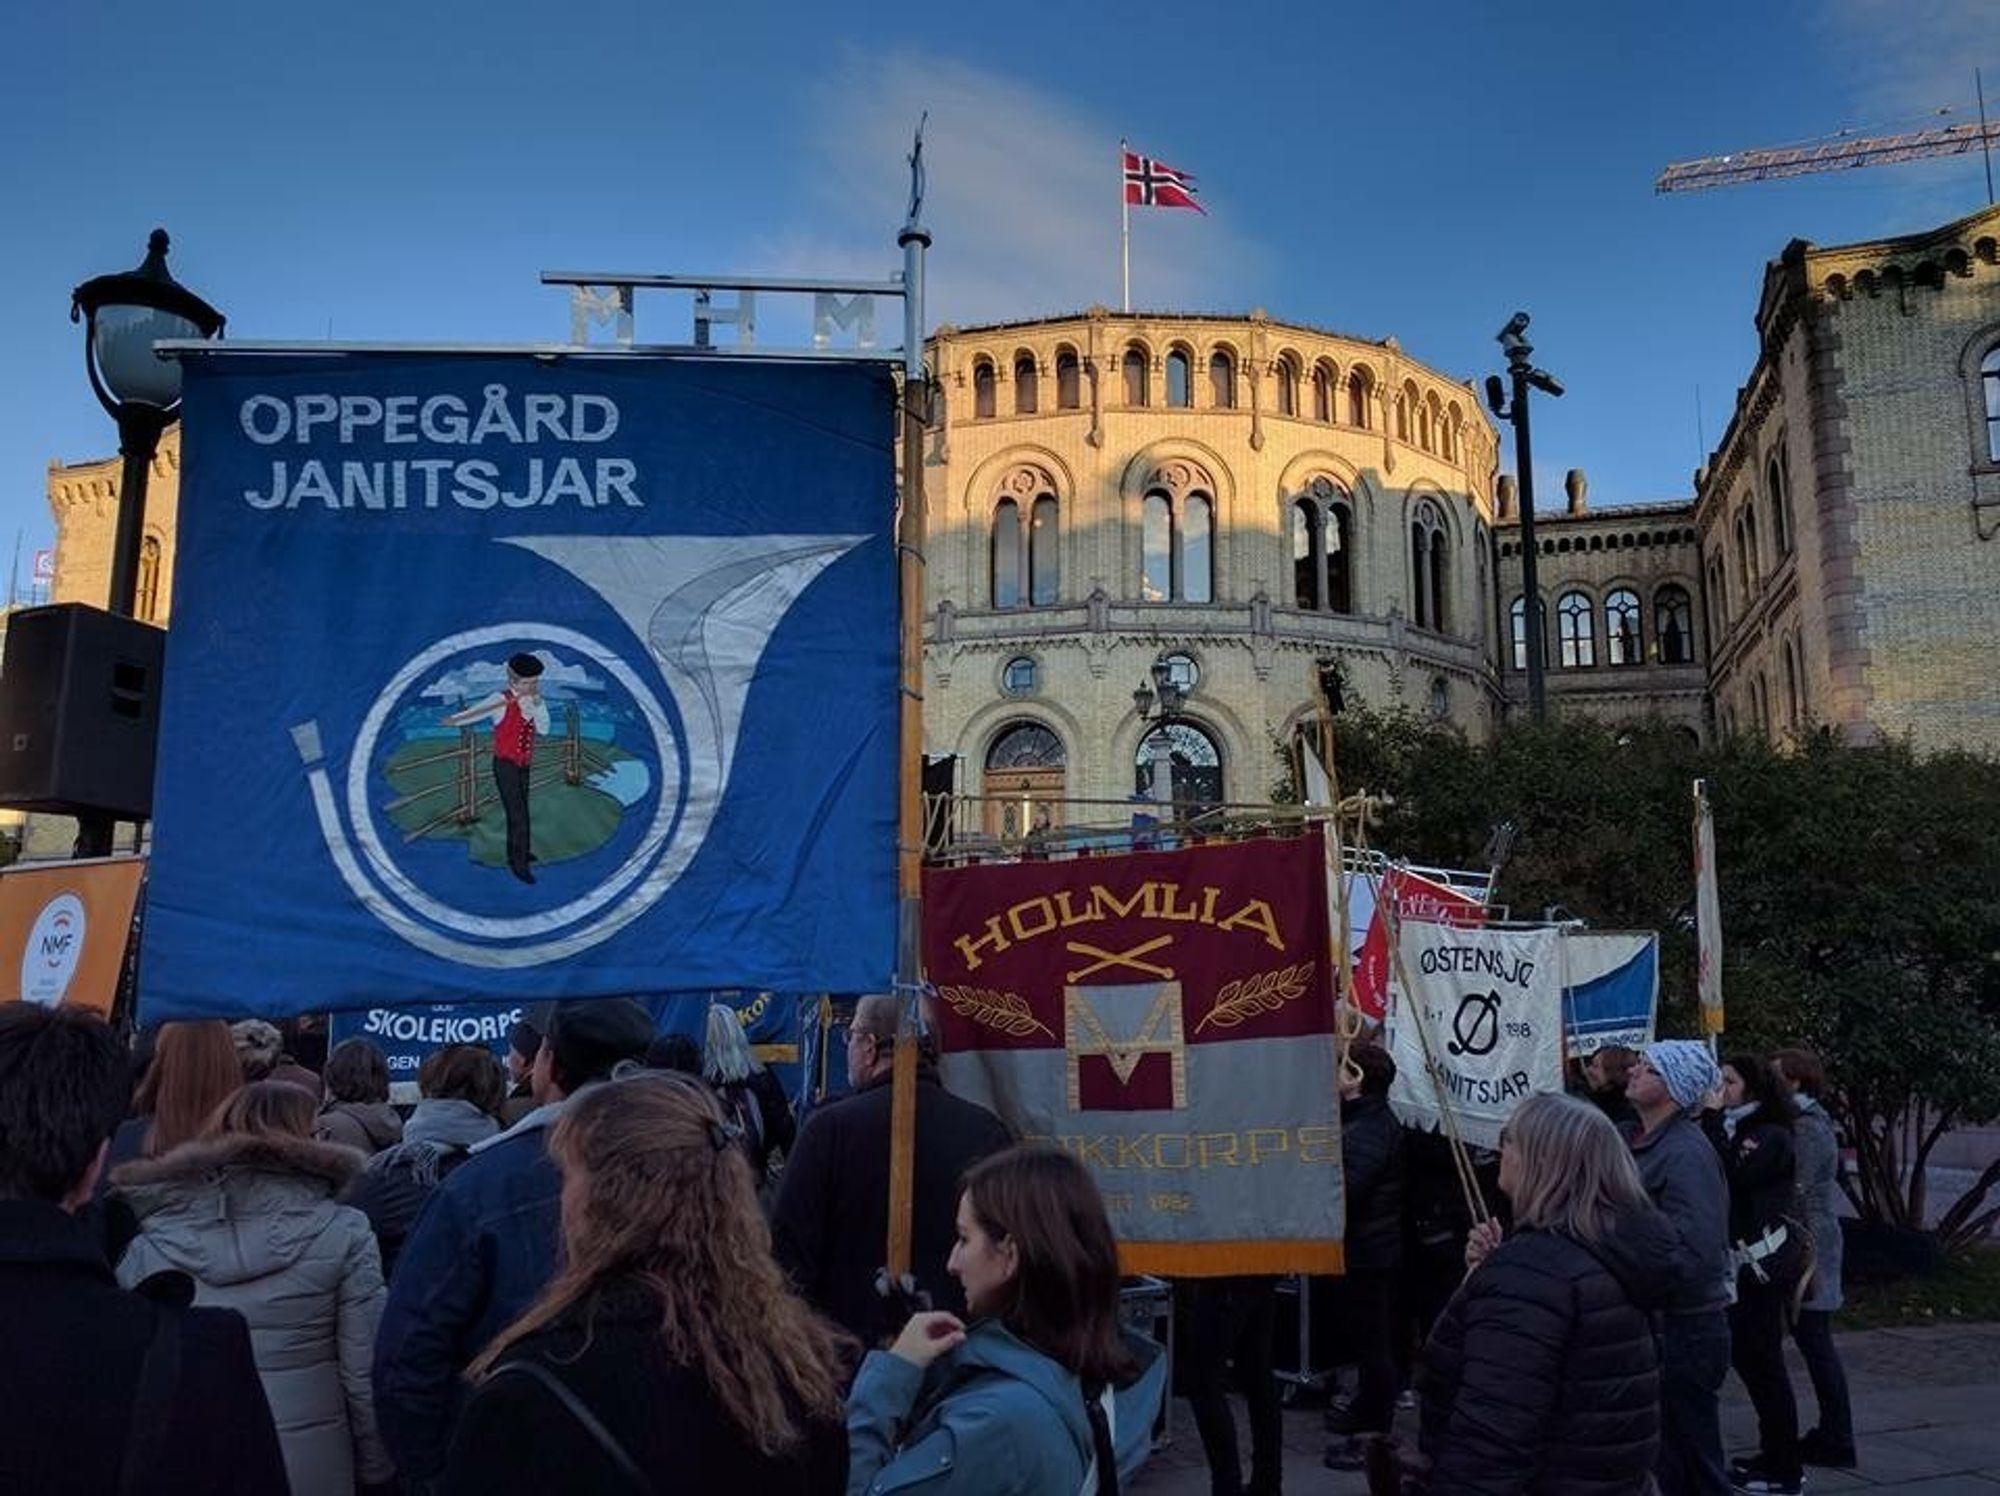 DEMONSTRERTE: Her ser du Oppegård Janitsjars fane foran Stortinget.